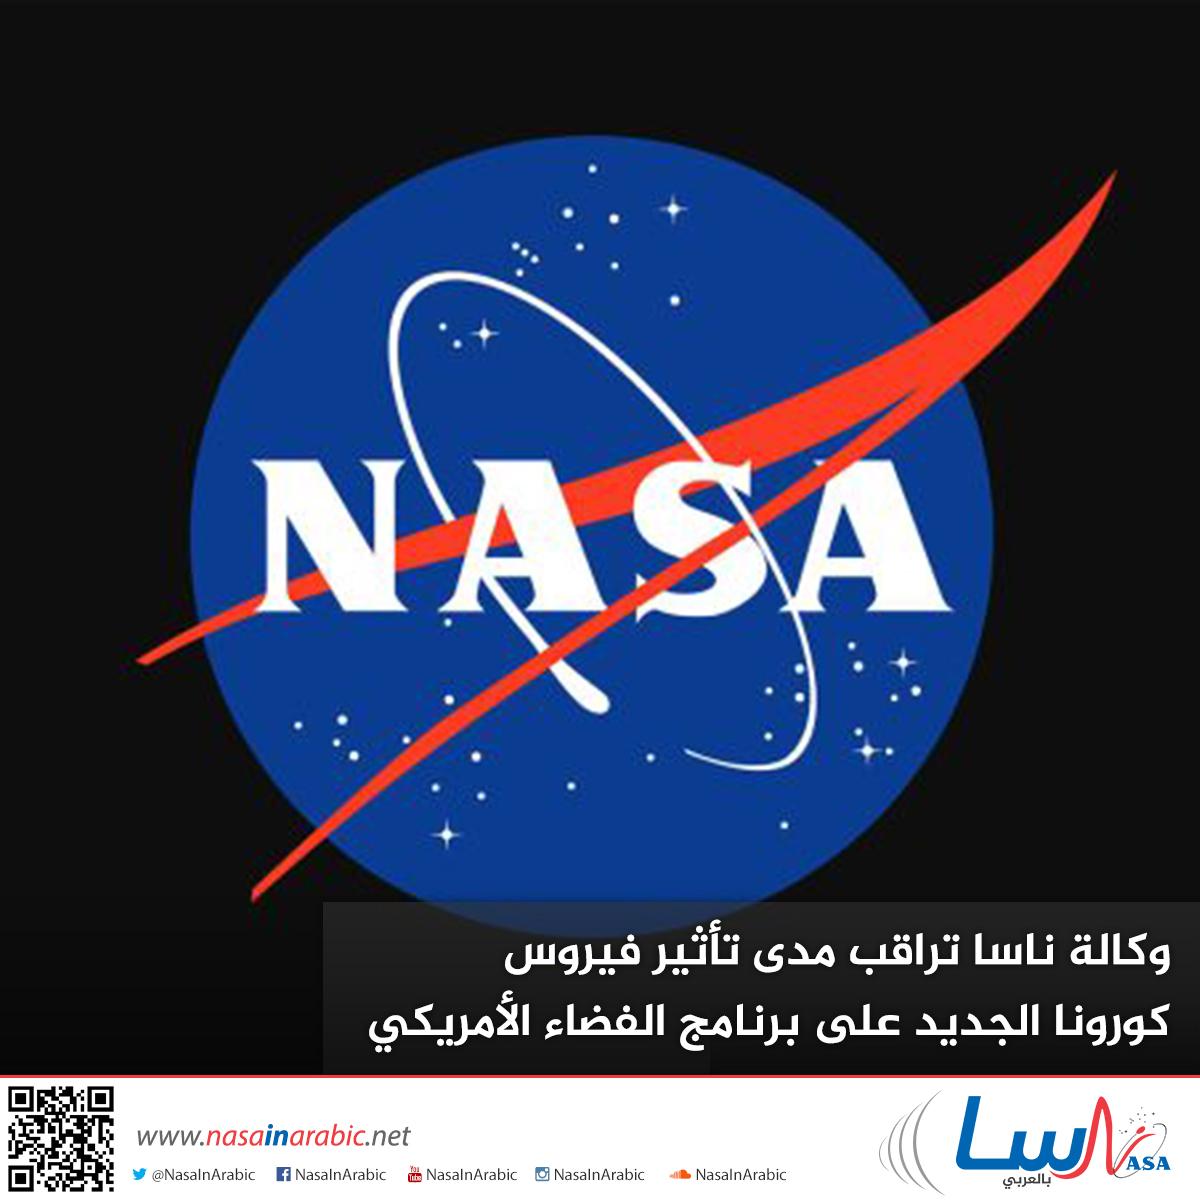 وكالة ناسا تراقب مدى تأثير فيروس كورونا الجديد على برنامج الفضاء الأمريكي